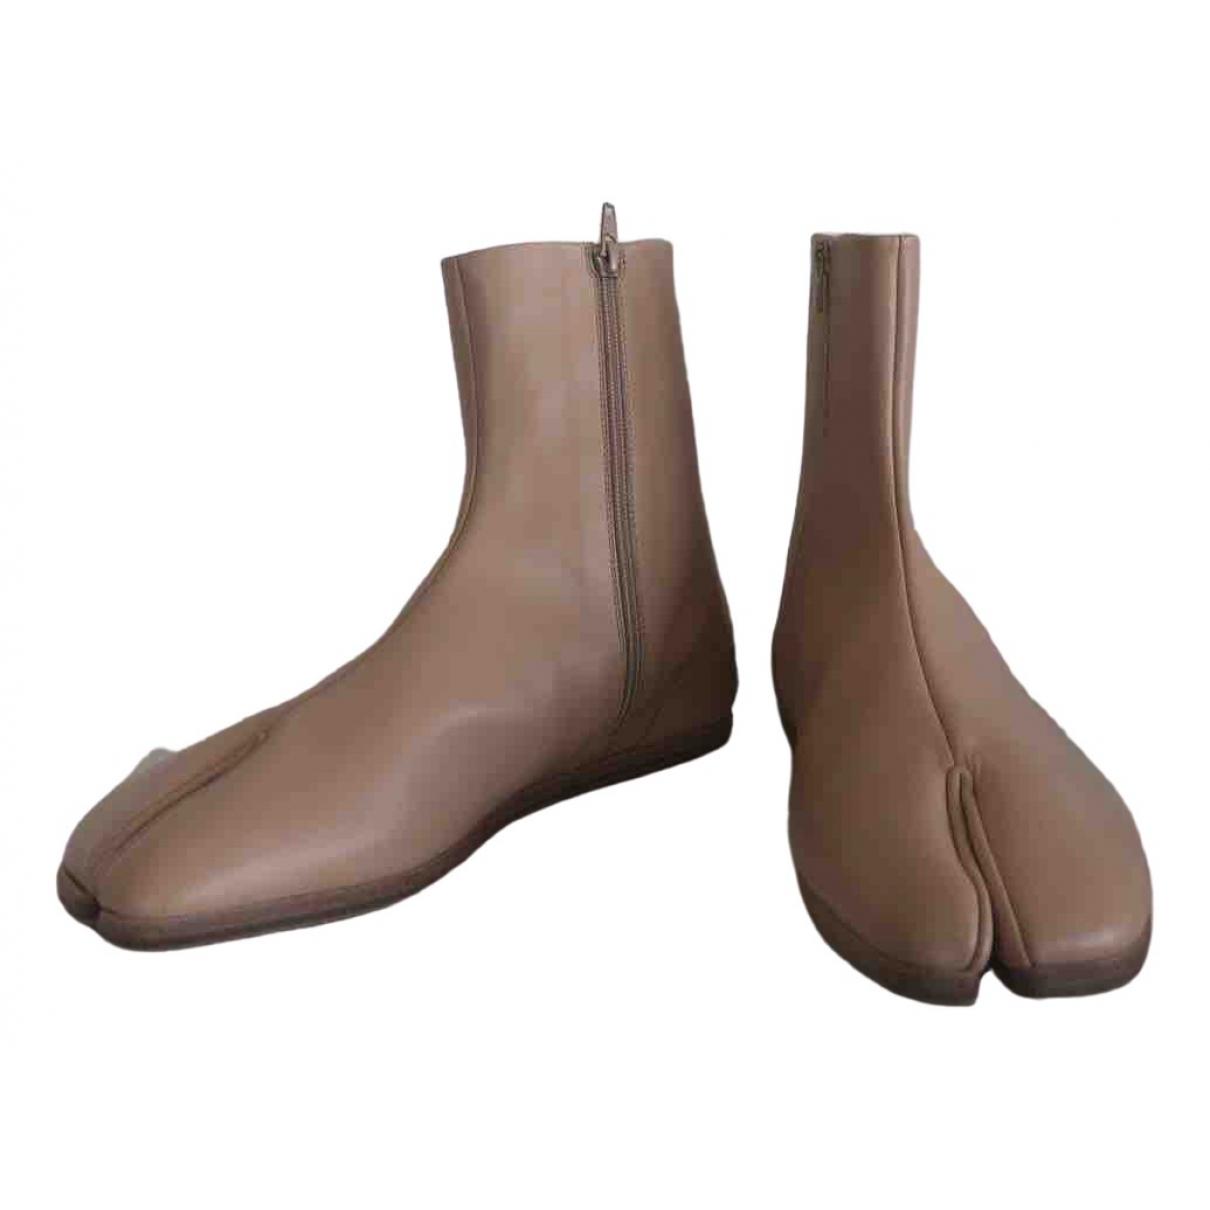 Maison Martin Margiela Tabi Beige Leather Boots for Men 42 EU